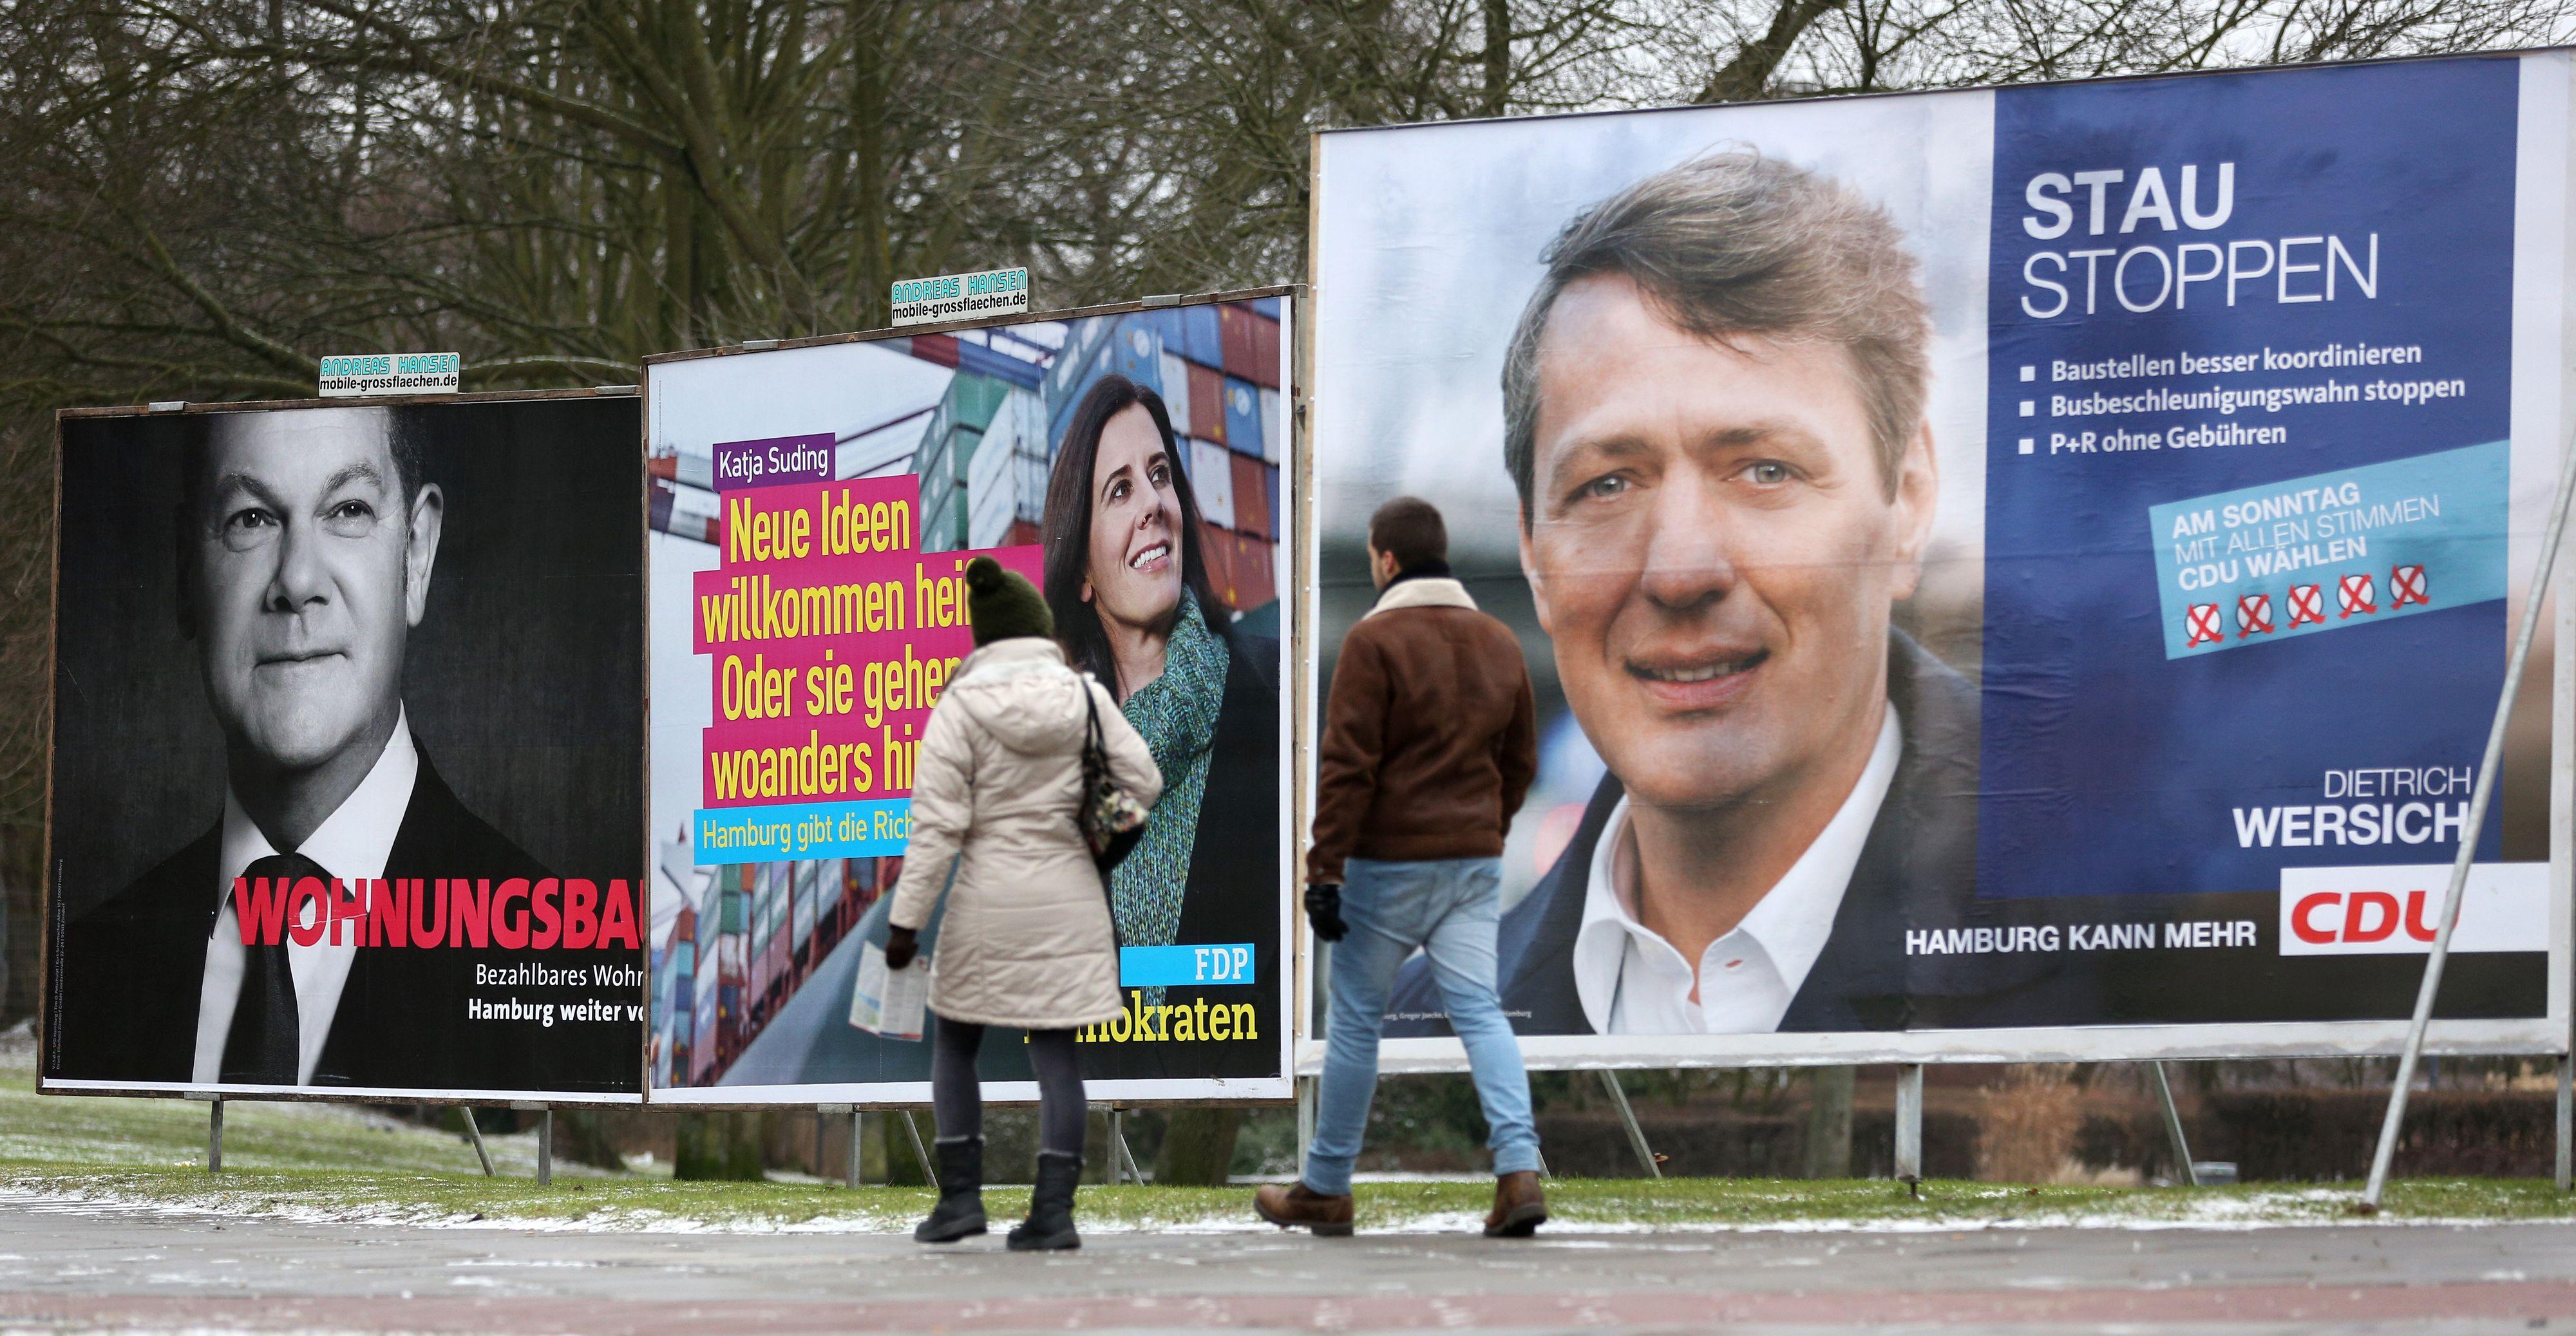 Benötigt Holdorf eine eigene Regelung für Plakate? Nein, findet die Mehrheit des Gemeinderates. Foto: dpa / Charius